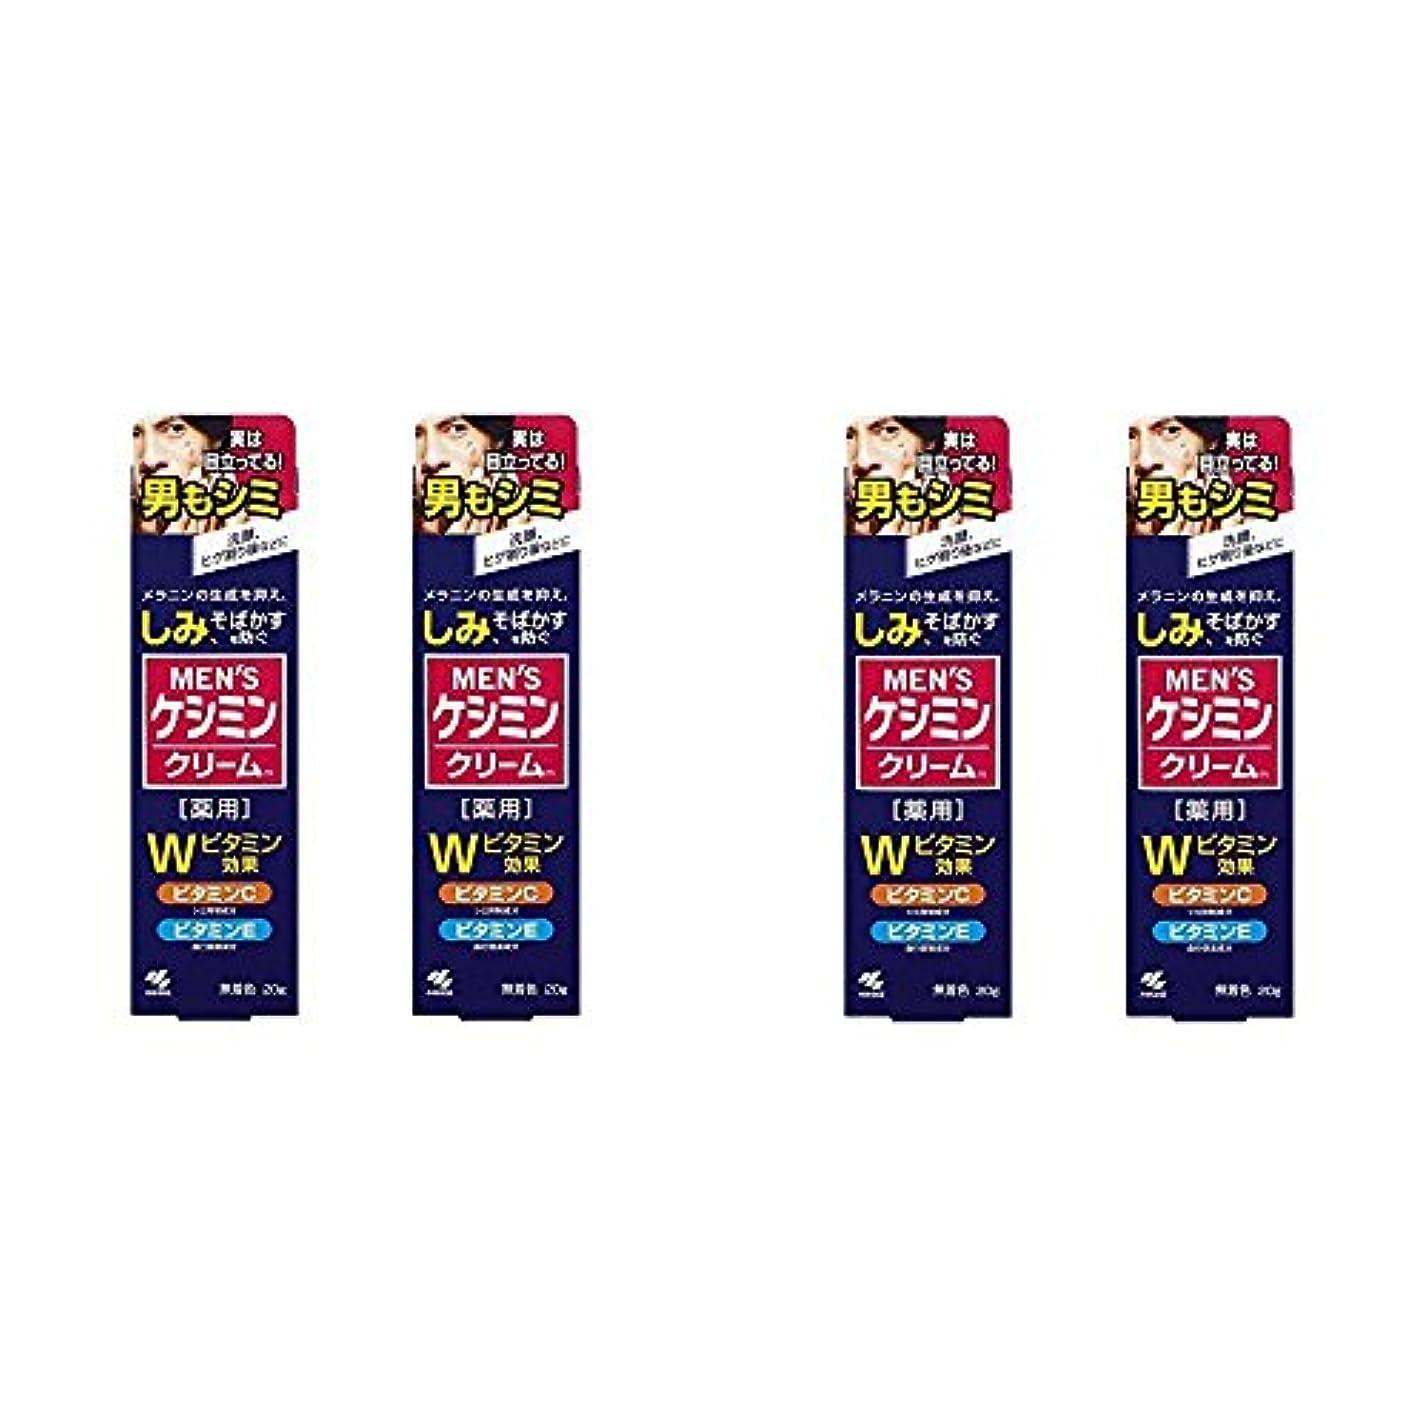 ストッキング日帰り旅行にまたはどちらか【セット品】メンズケシミンクリーム 男のシミ対策 20g (4個)